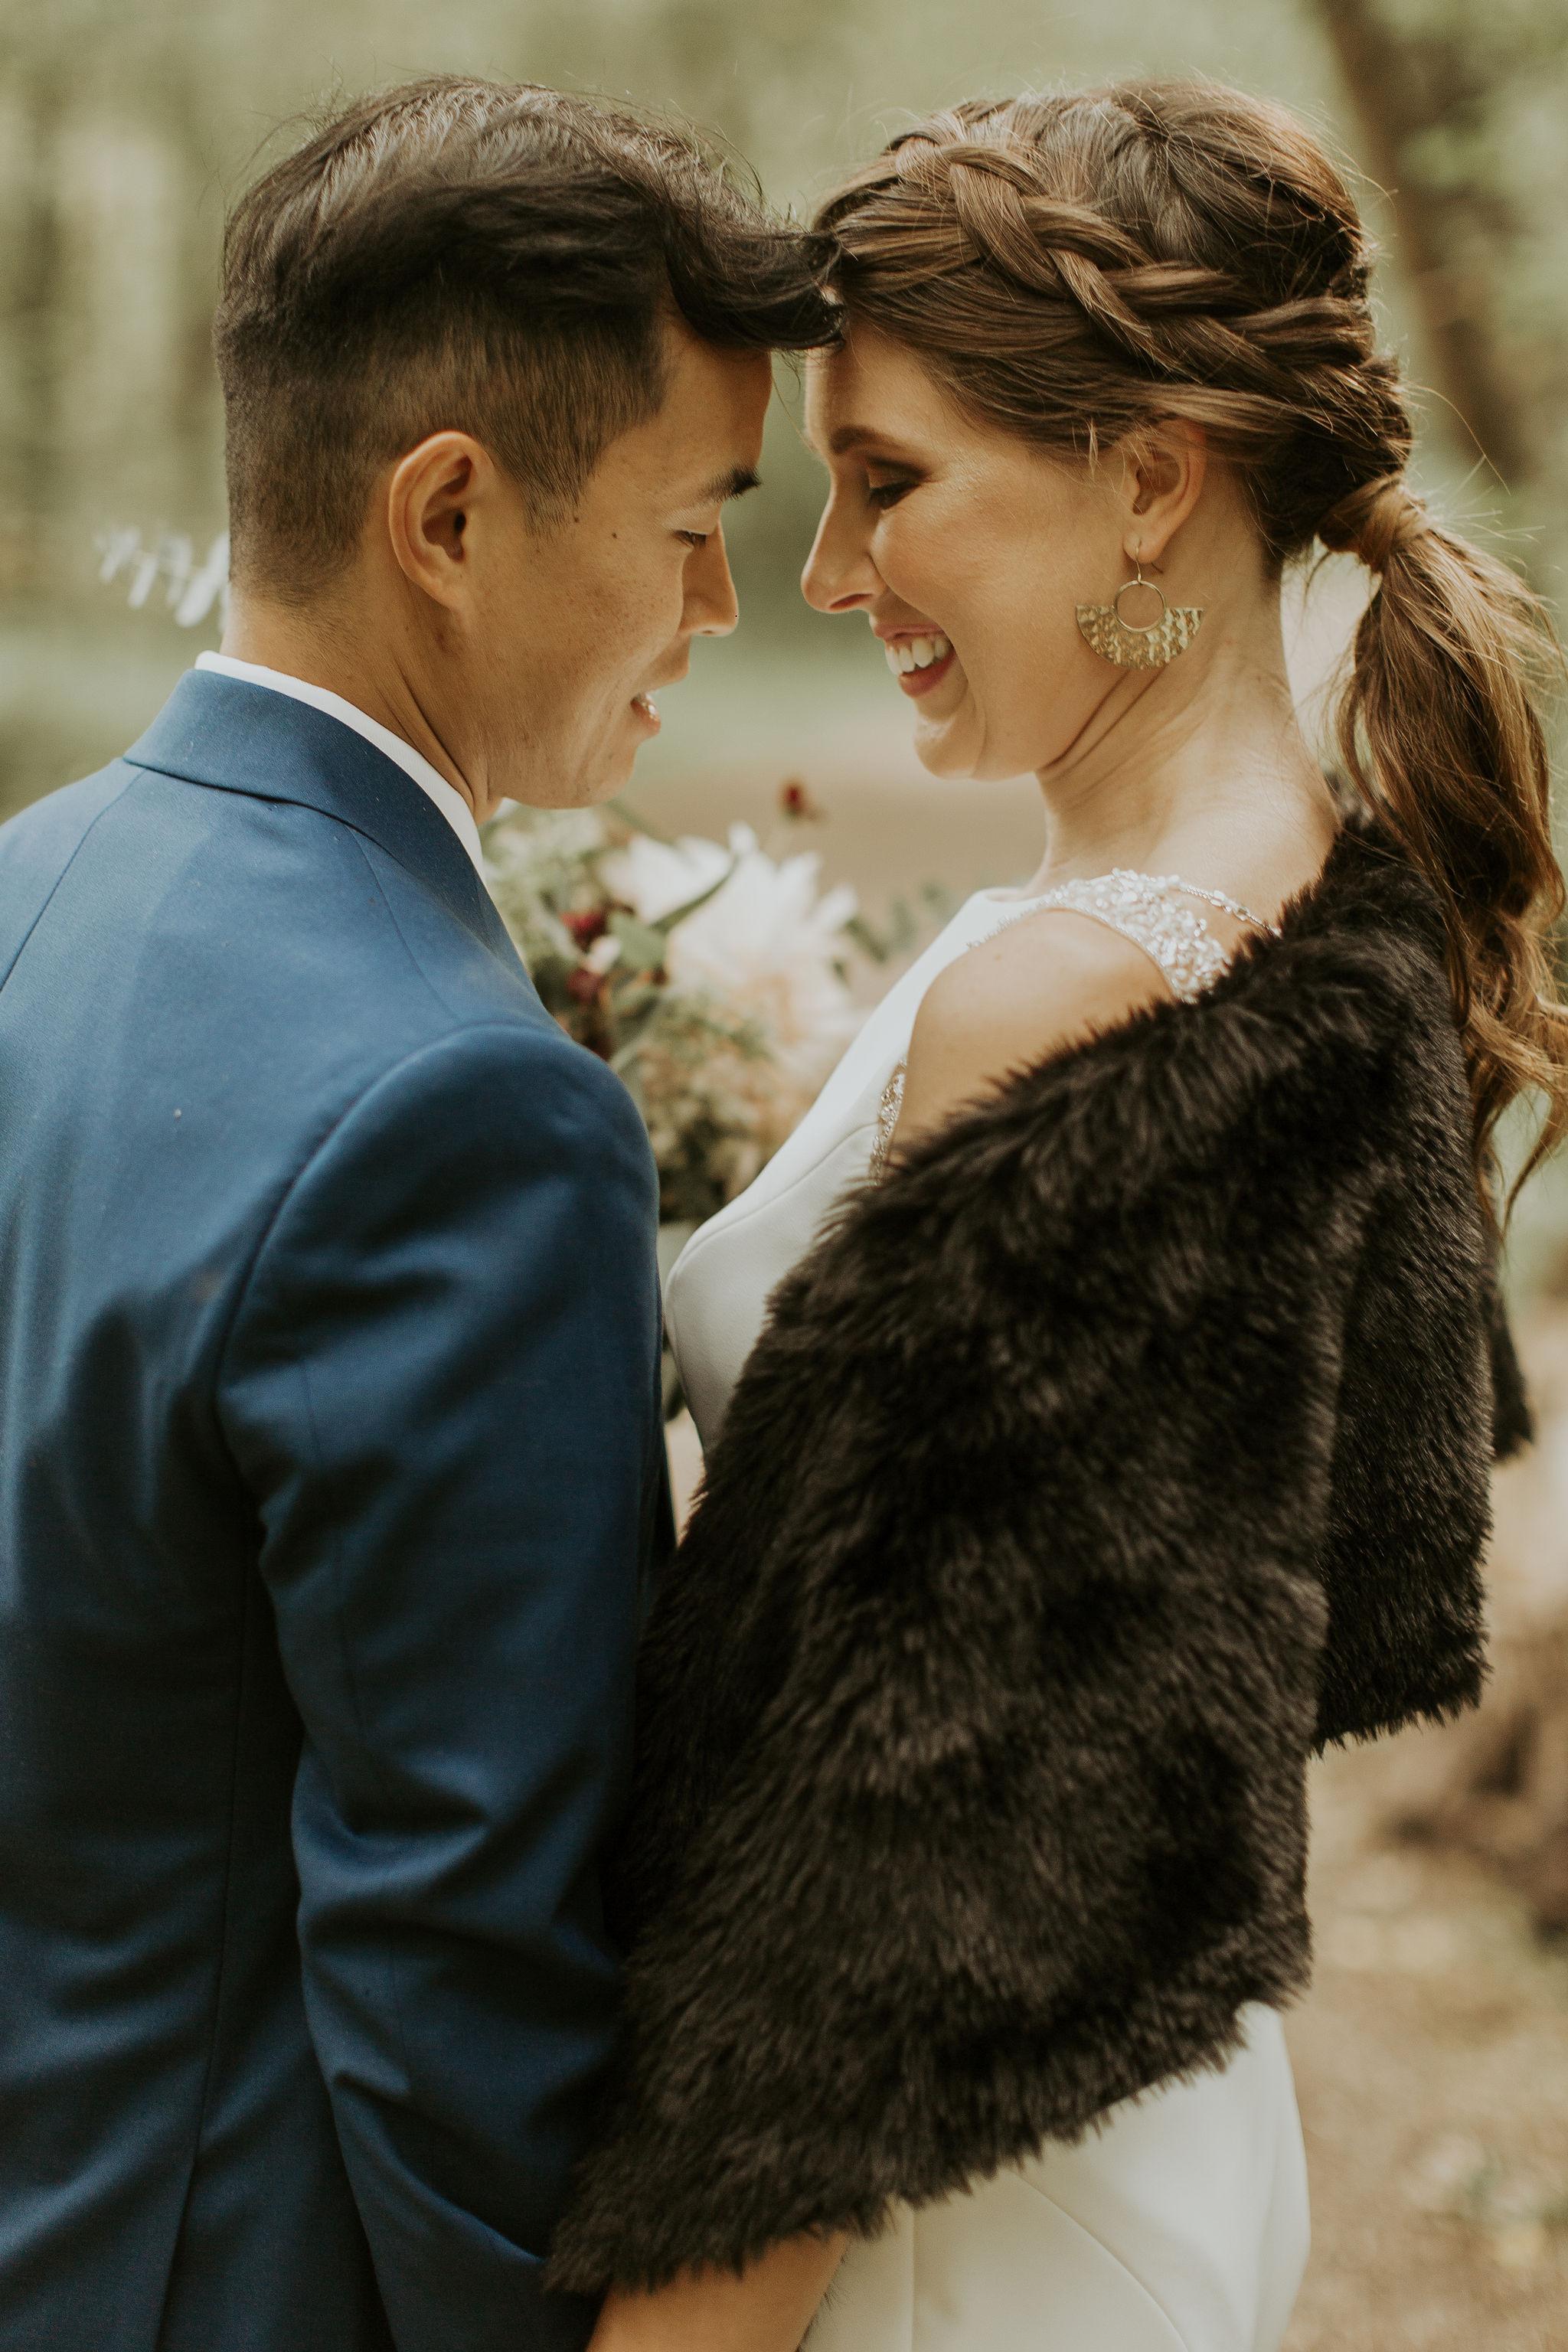 AK_Wedding_CouplePortraits-63.jpg